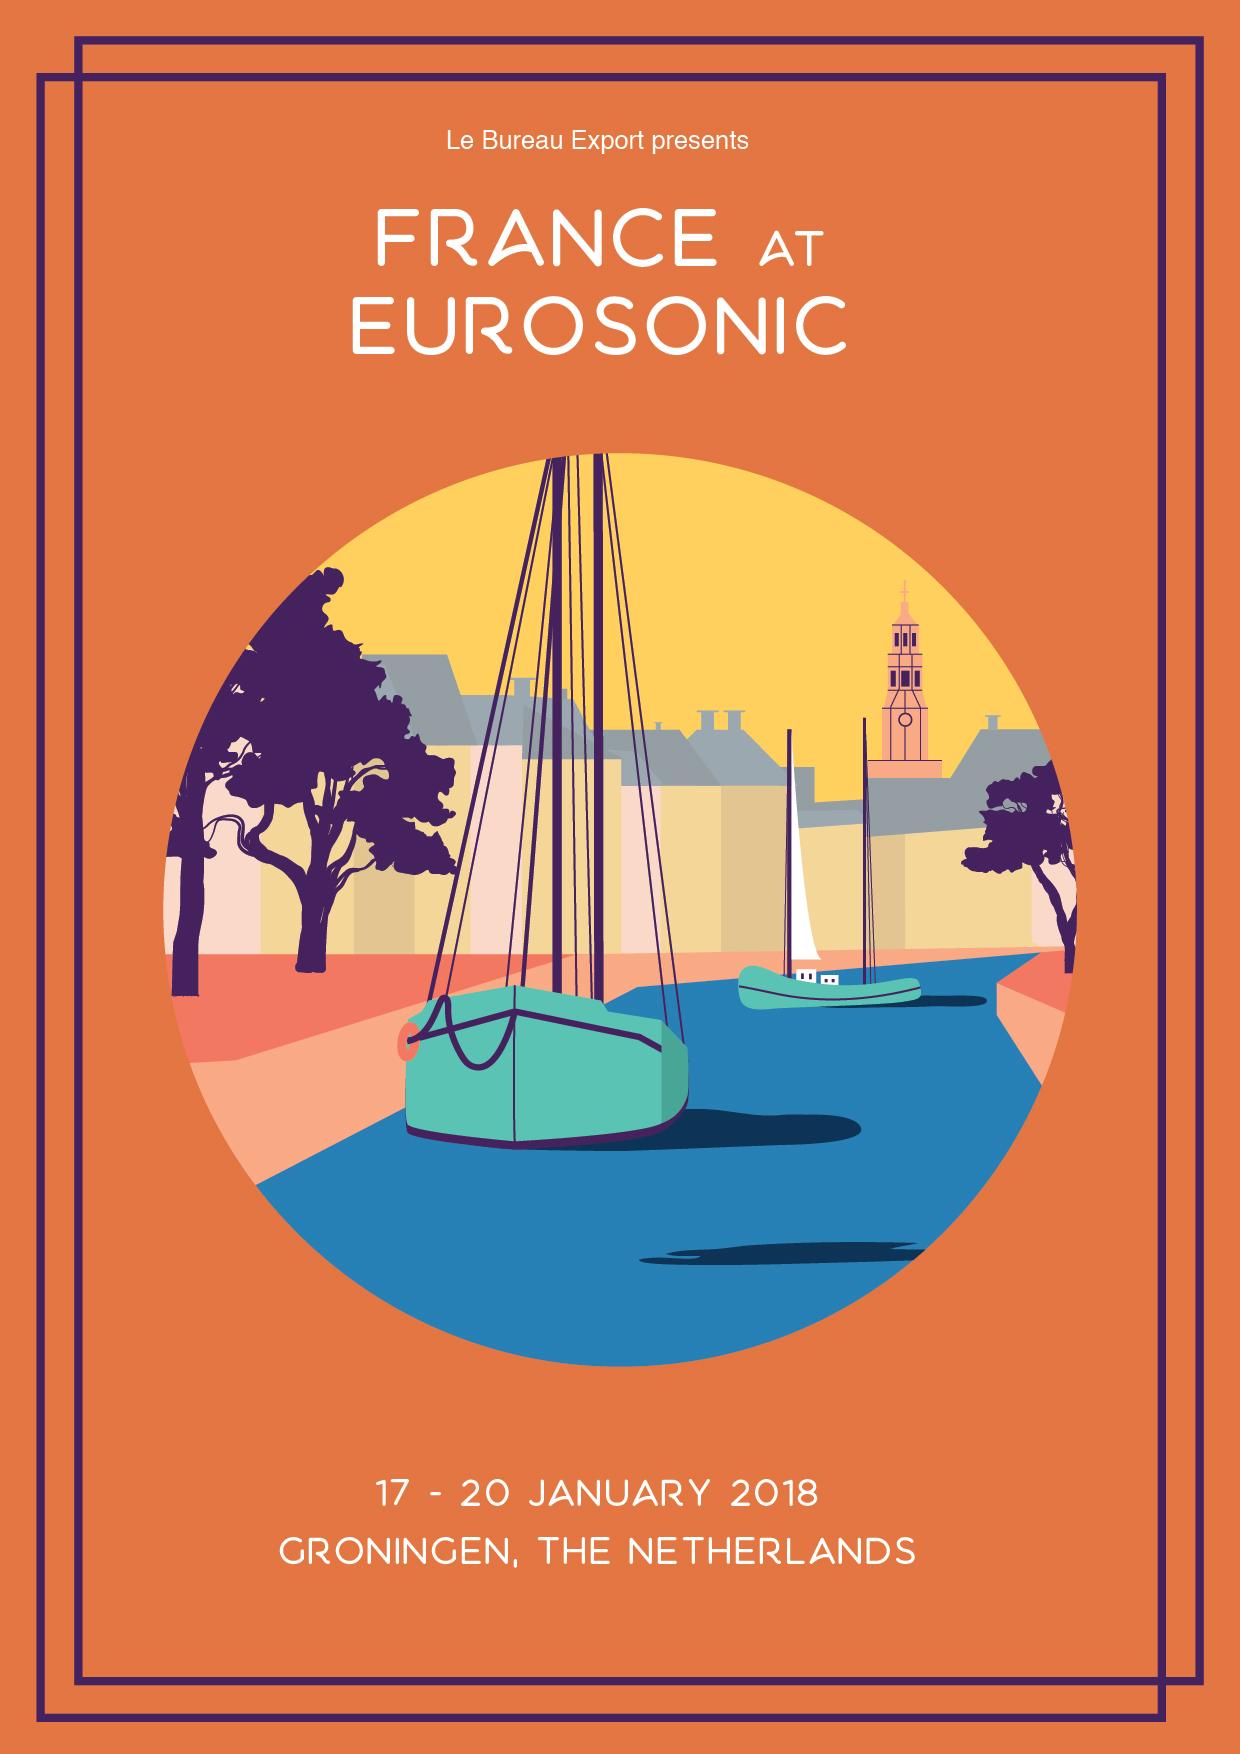 France at Eurosonic festival